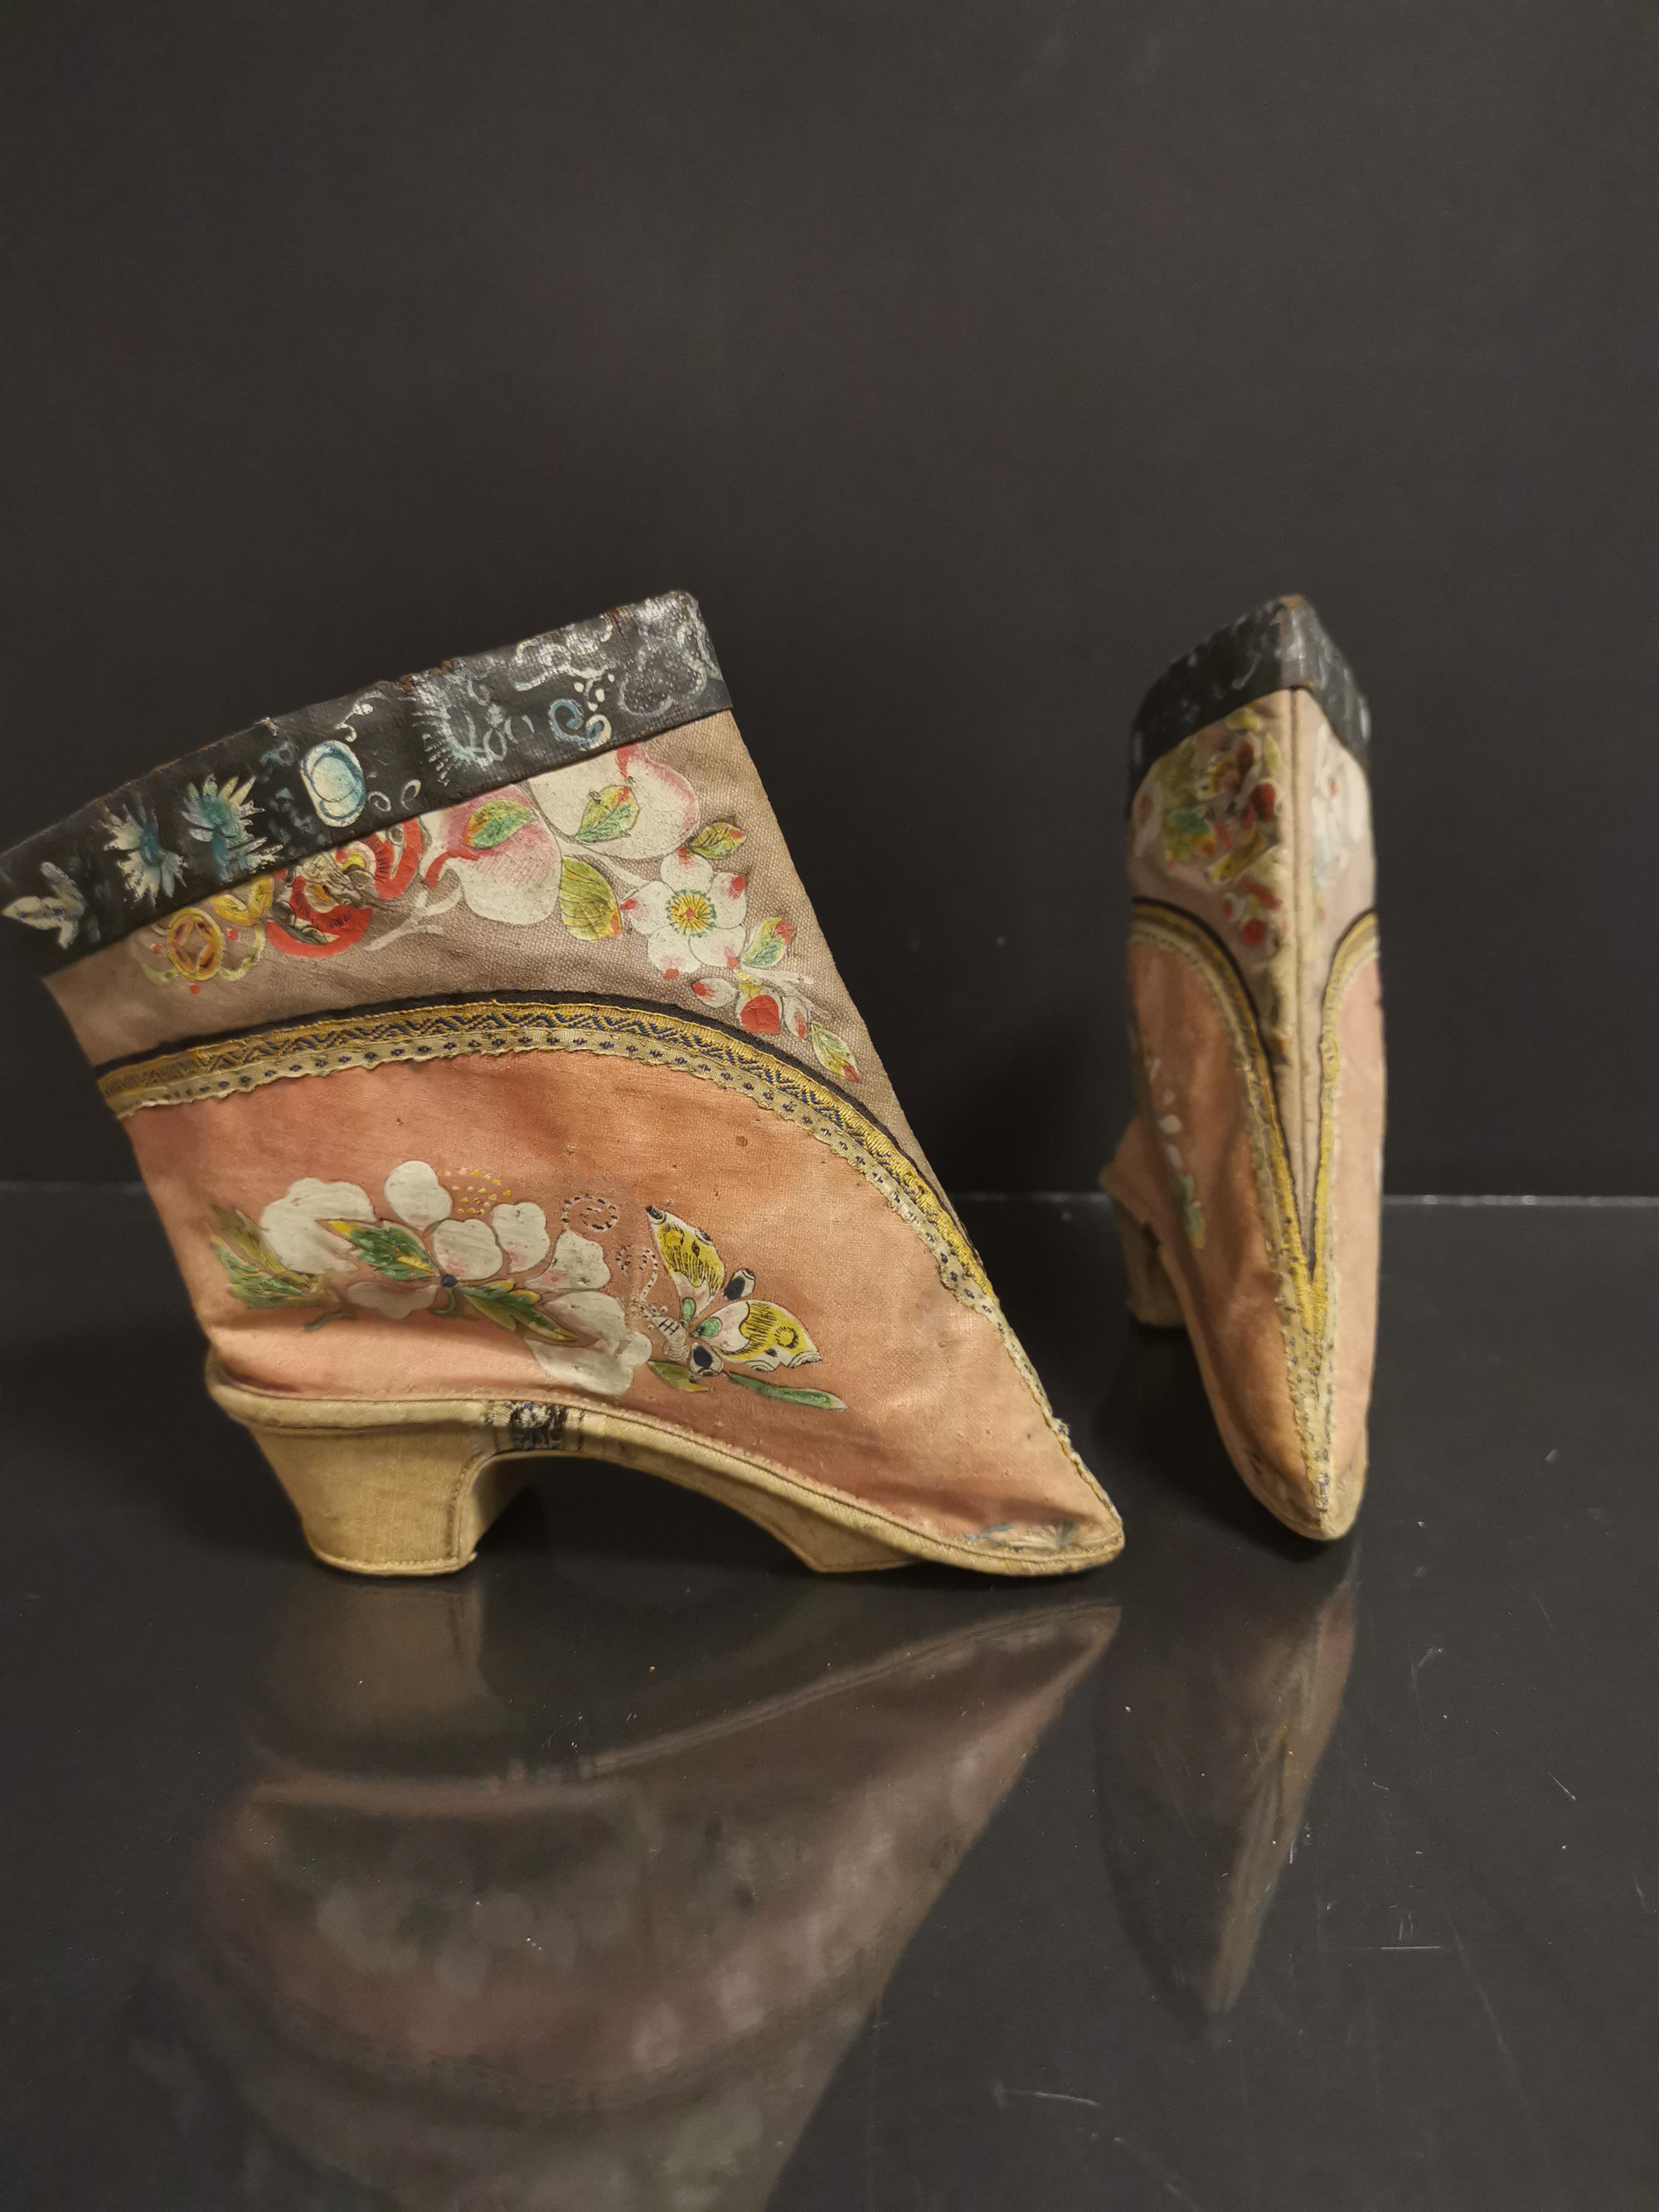 Lot 20 - Paire de chaussures en soie brodée. Chine, époque Guangxu (1875-1908). L. : 14 cm. [...]